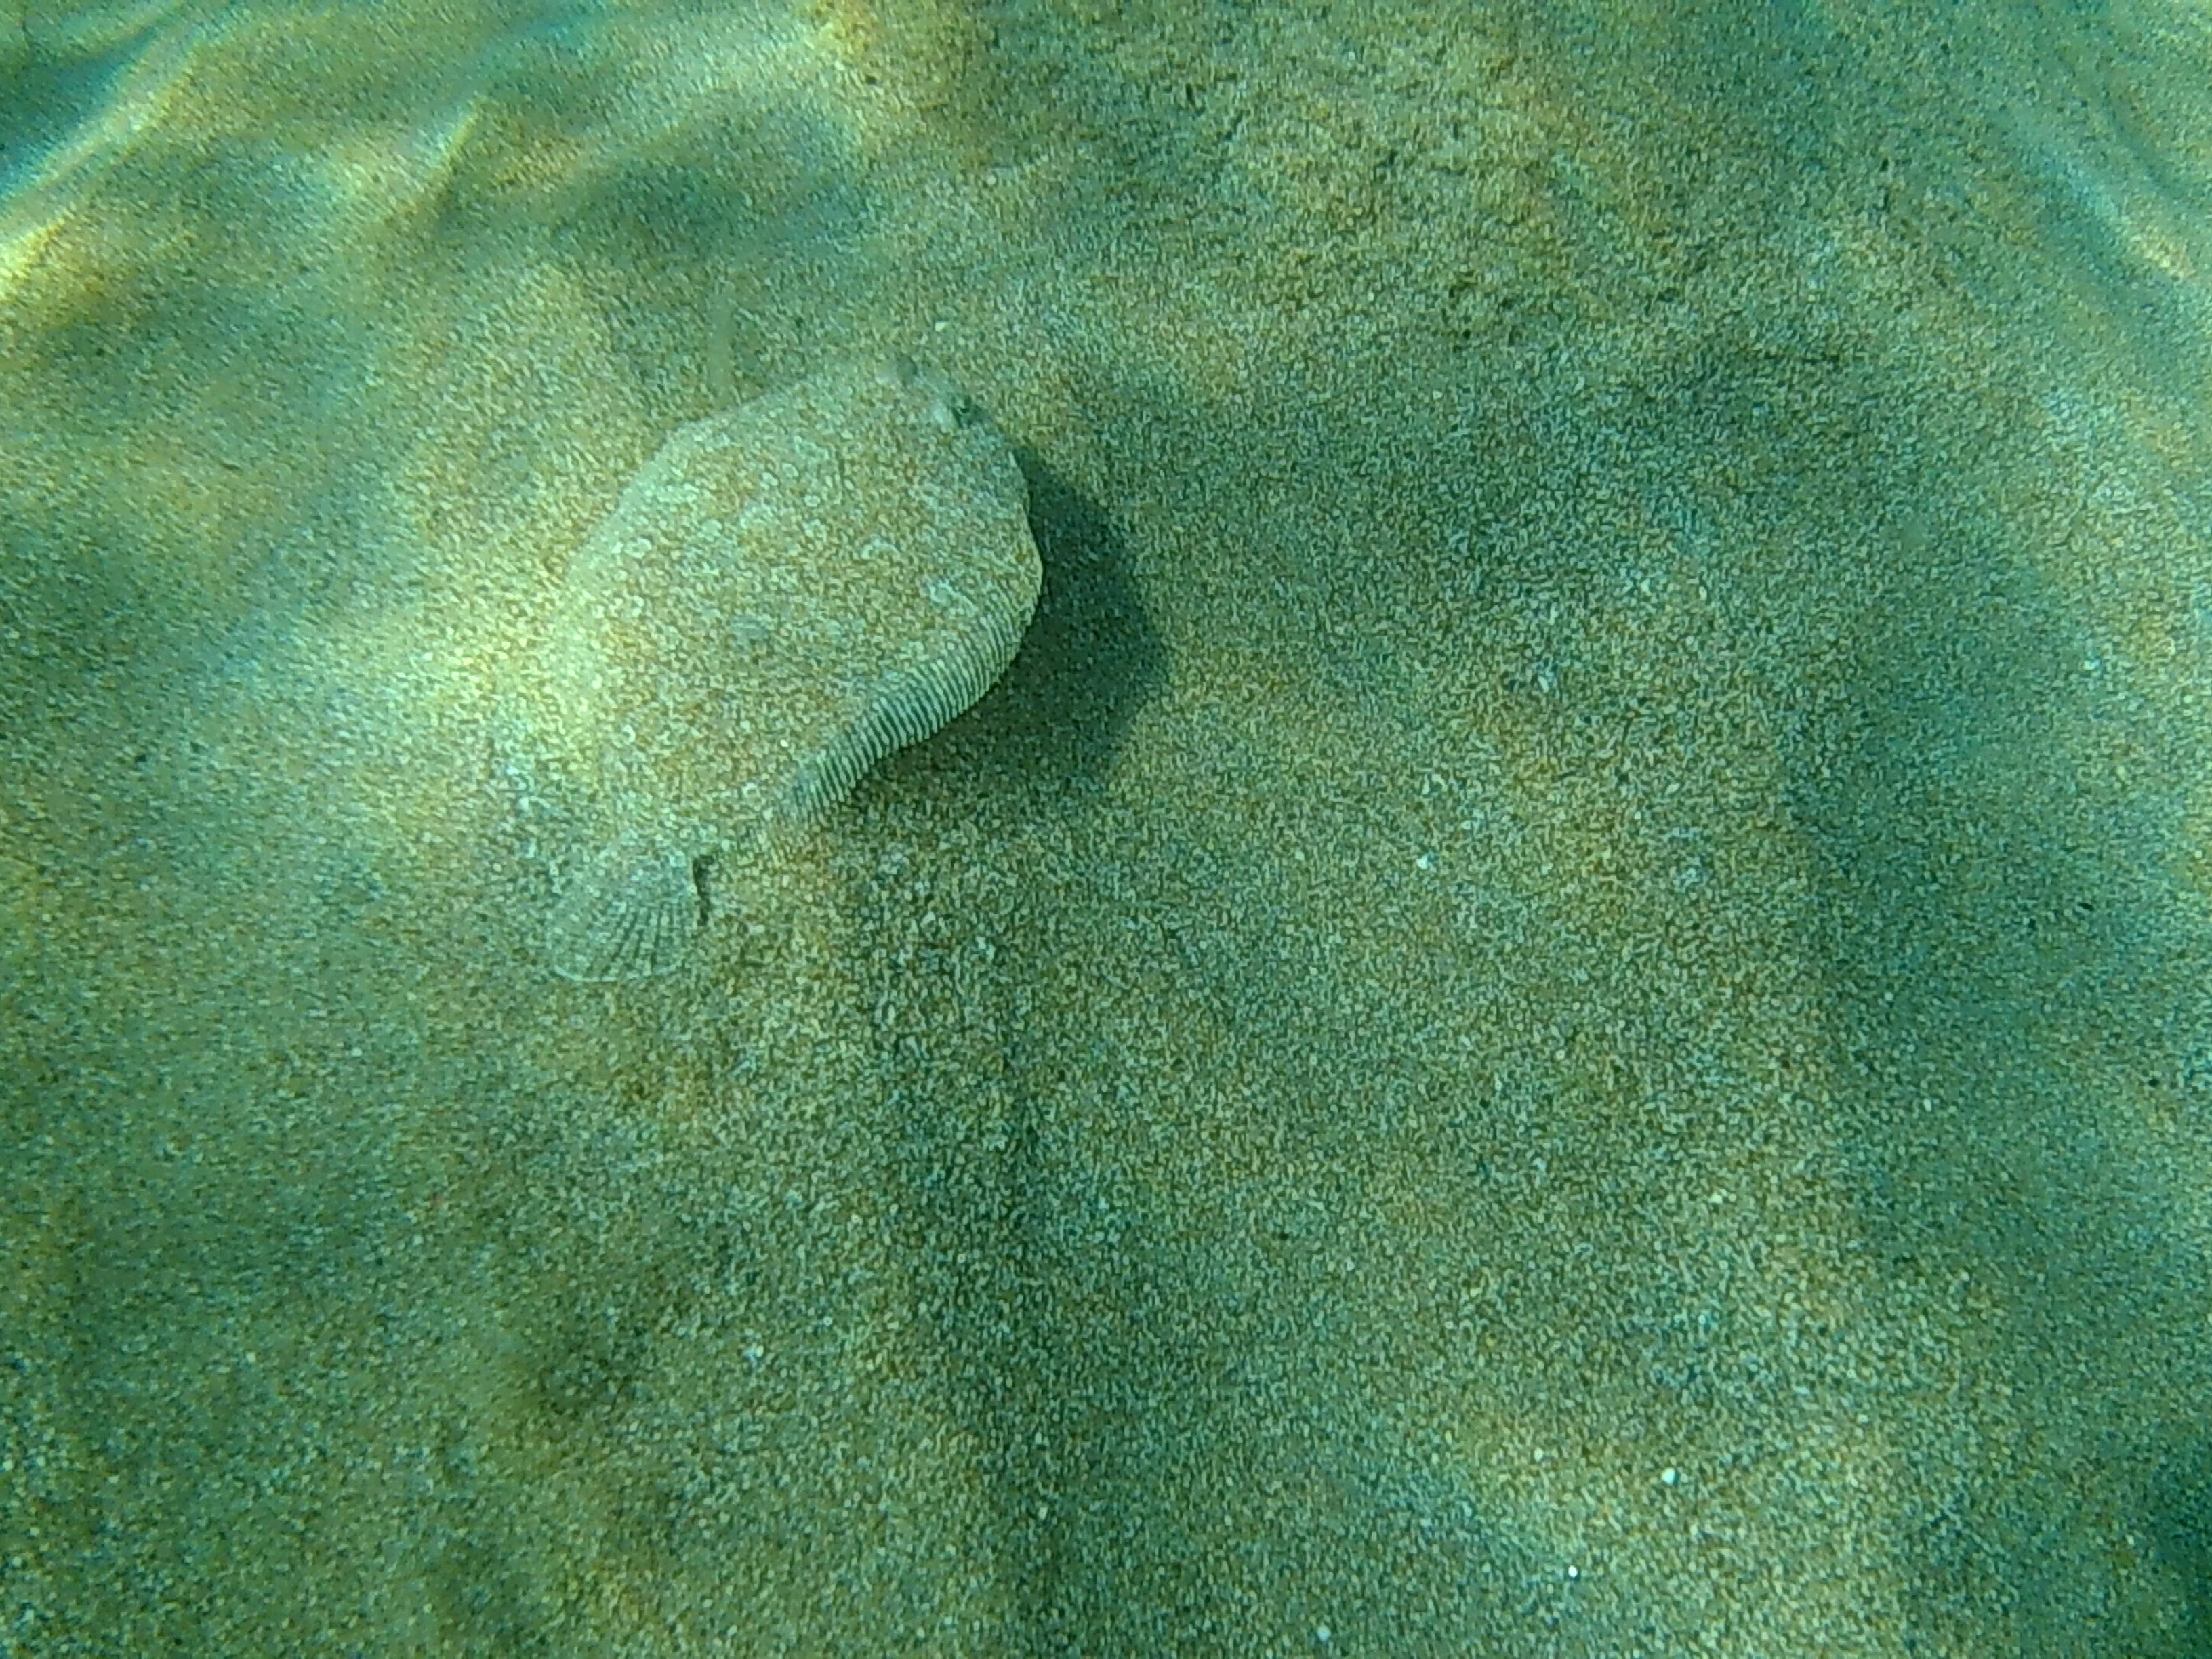 Plattfisch auf Korsika